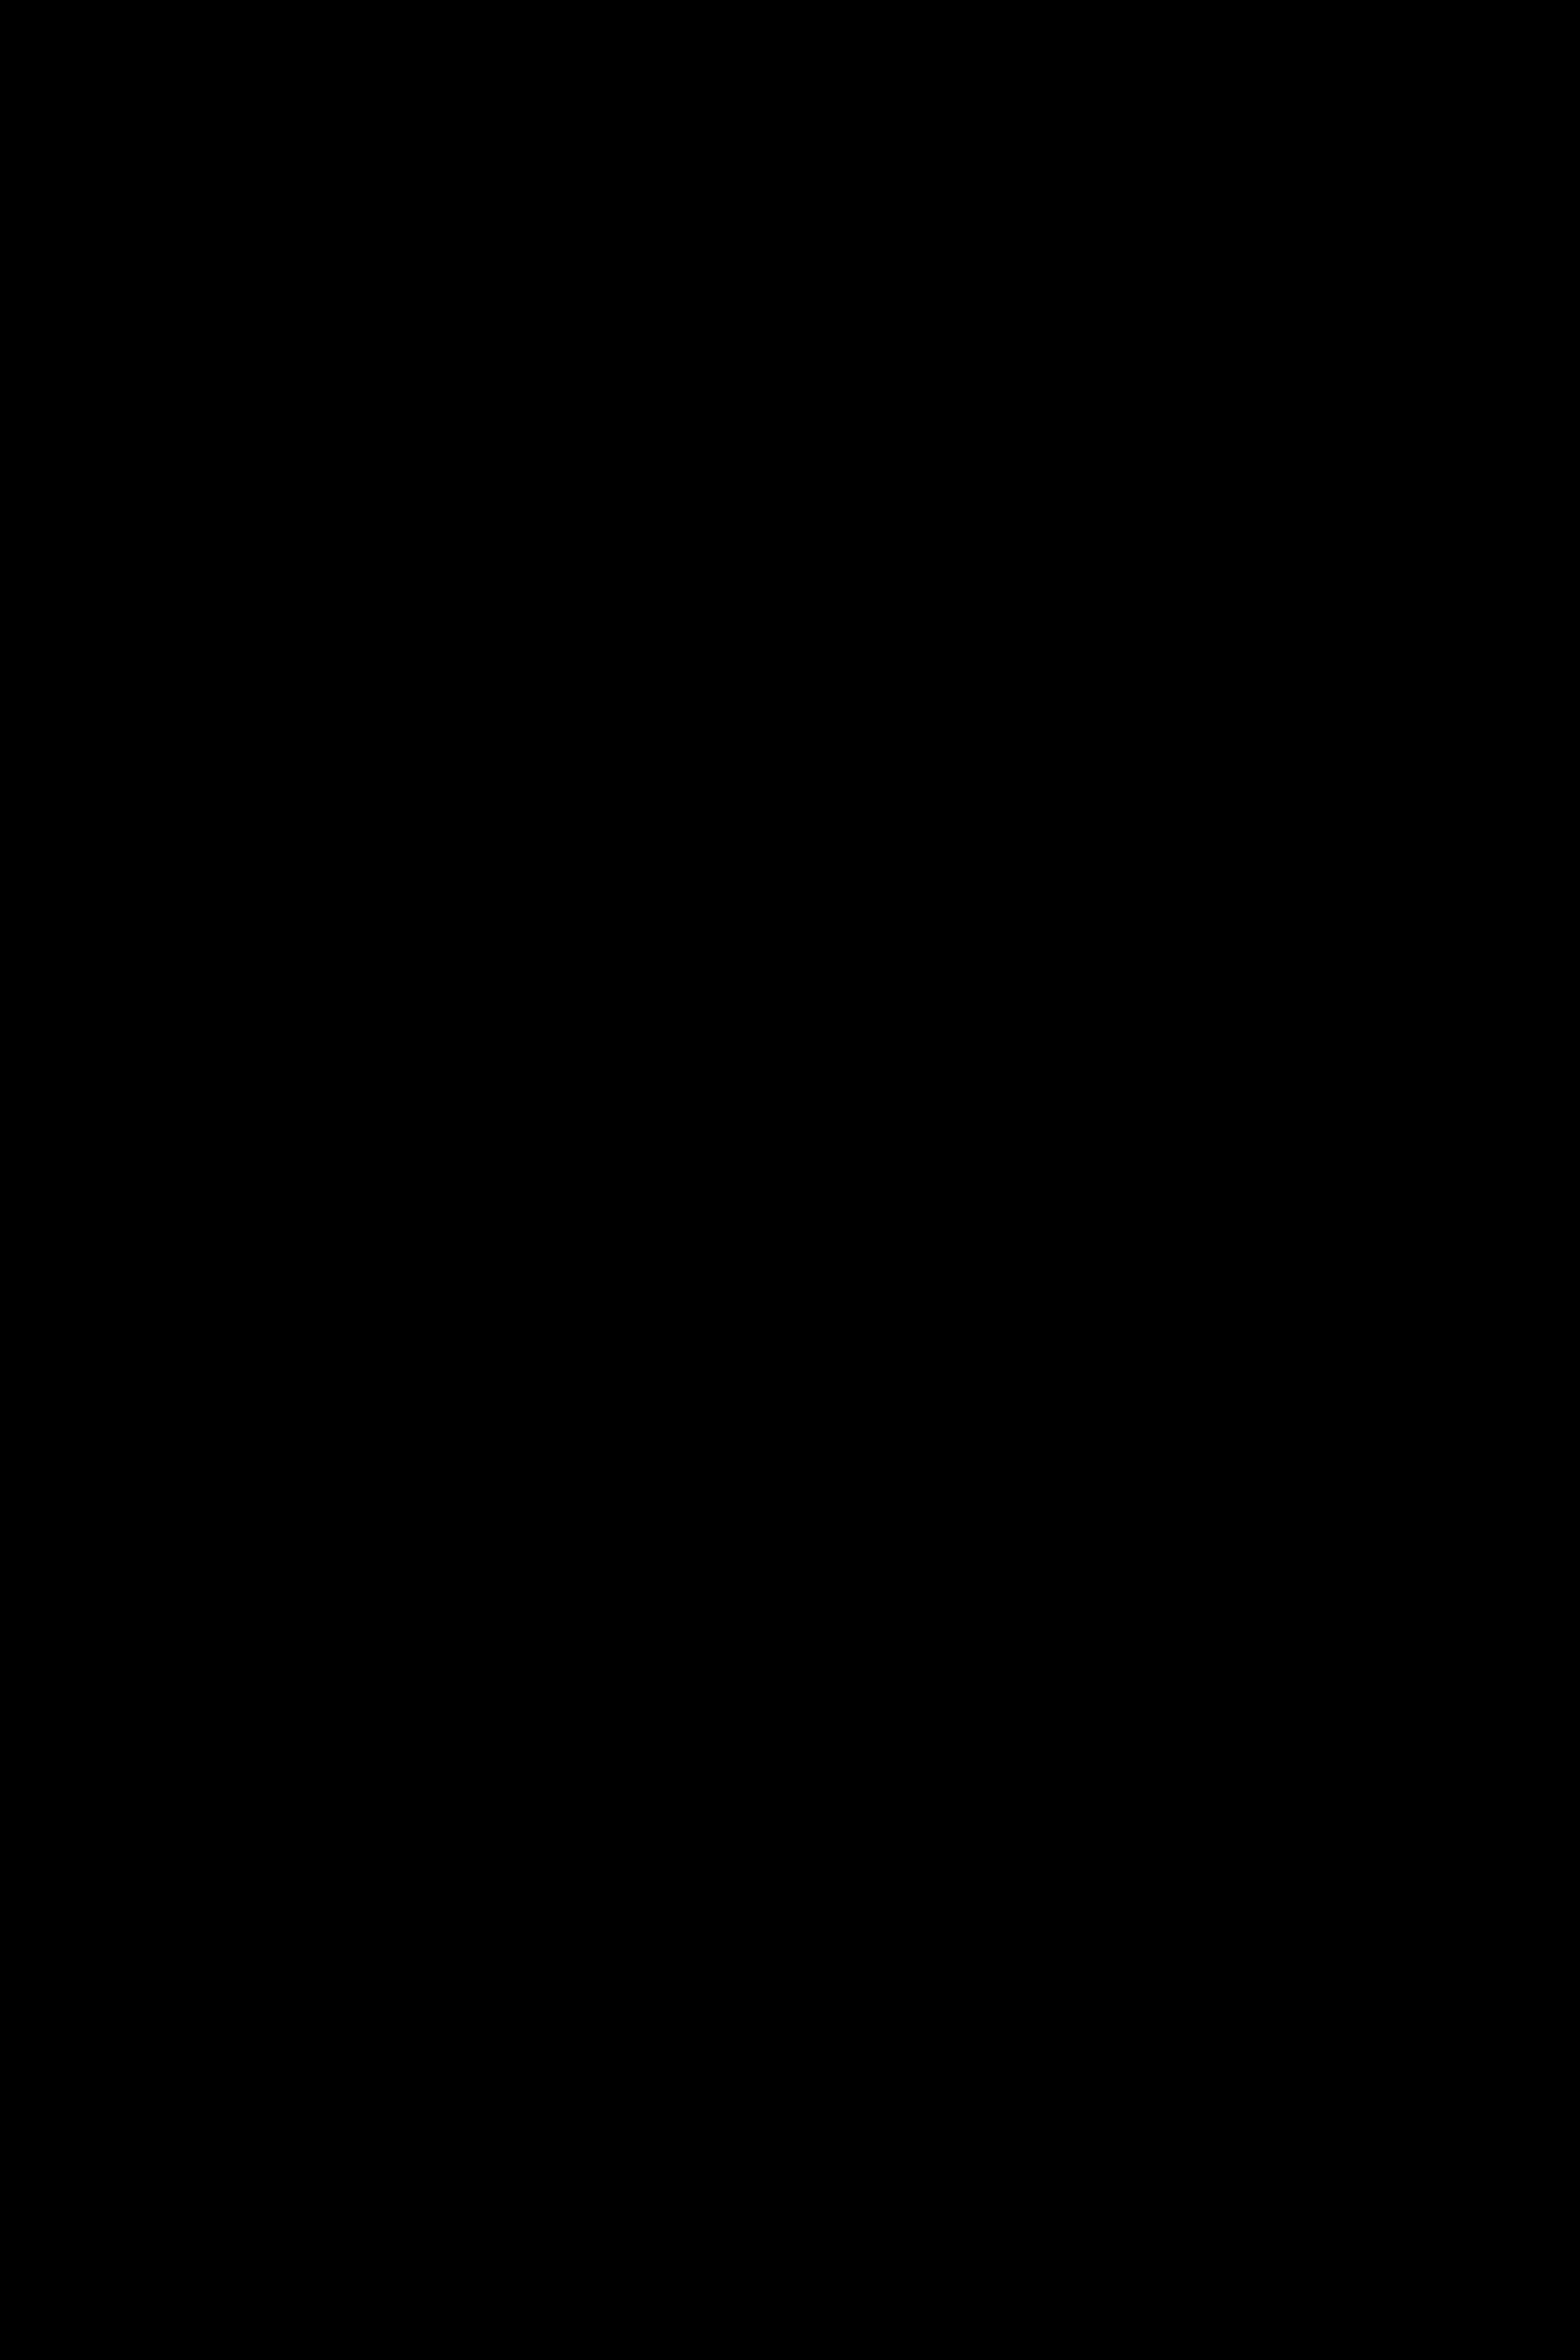 Пермь станет столицей музыкального студенчества